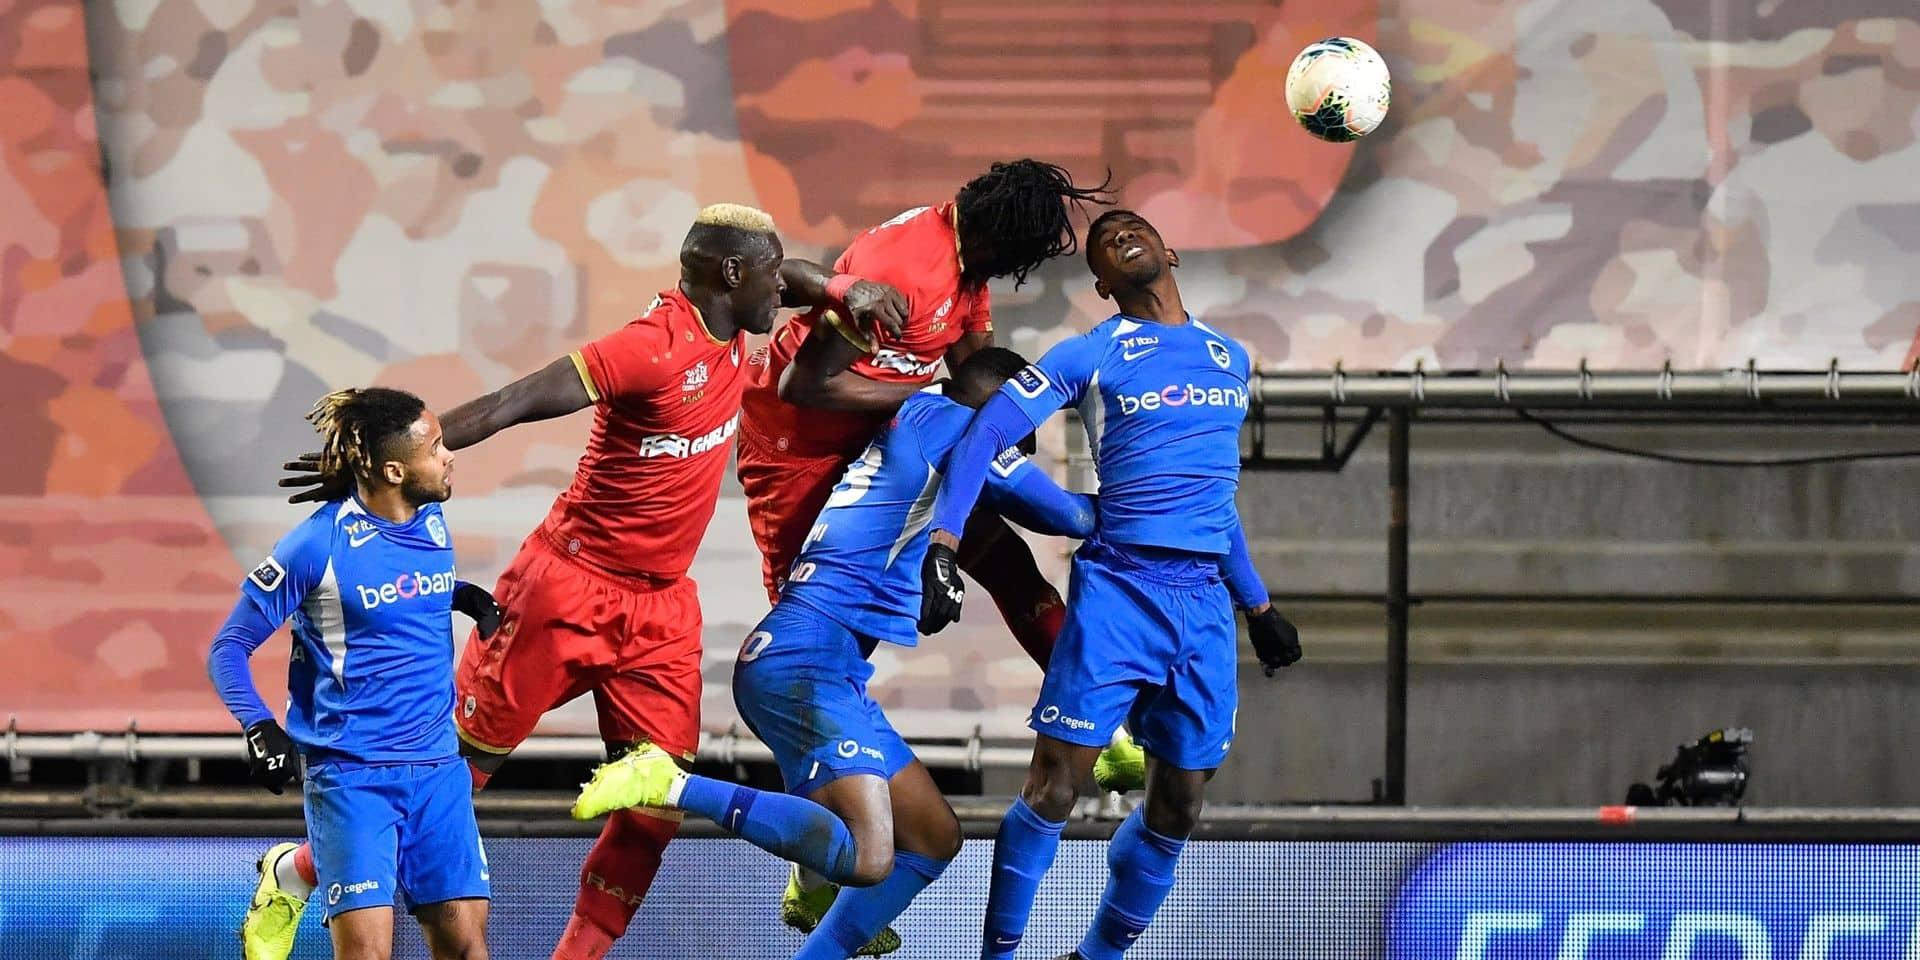 L'Antwerp et Genk se neutralisent et confortent leur place dans le top 6